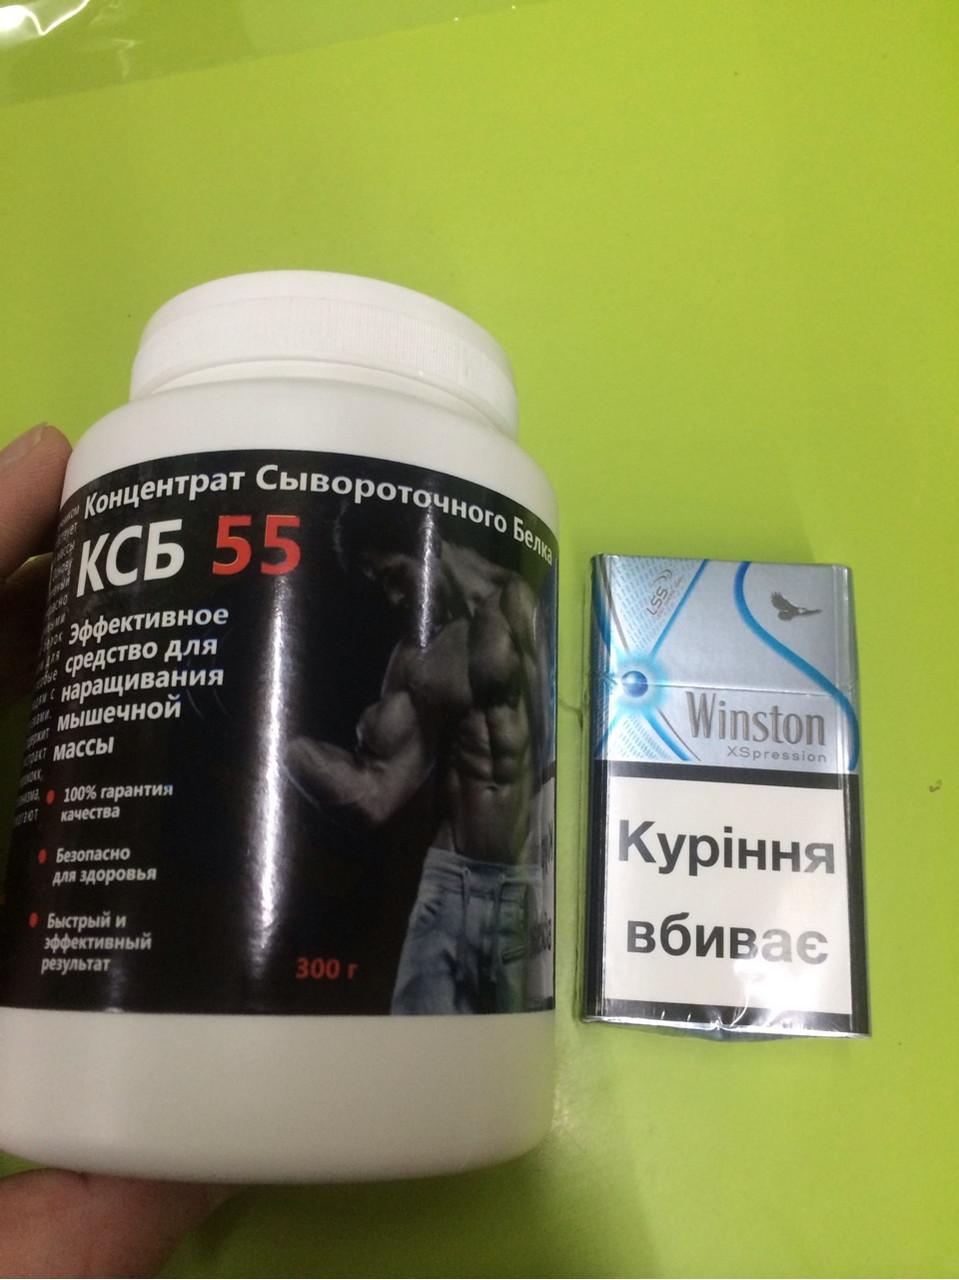 Препараты для наращивания мышечной массы в аптеках